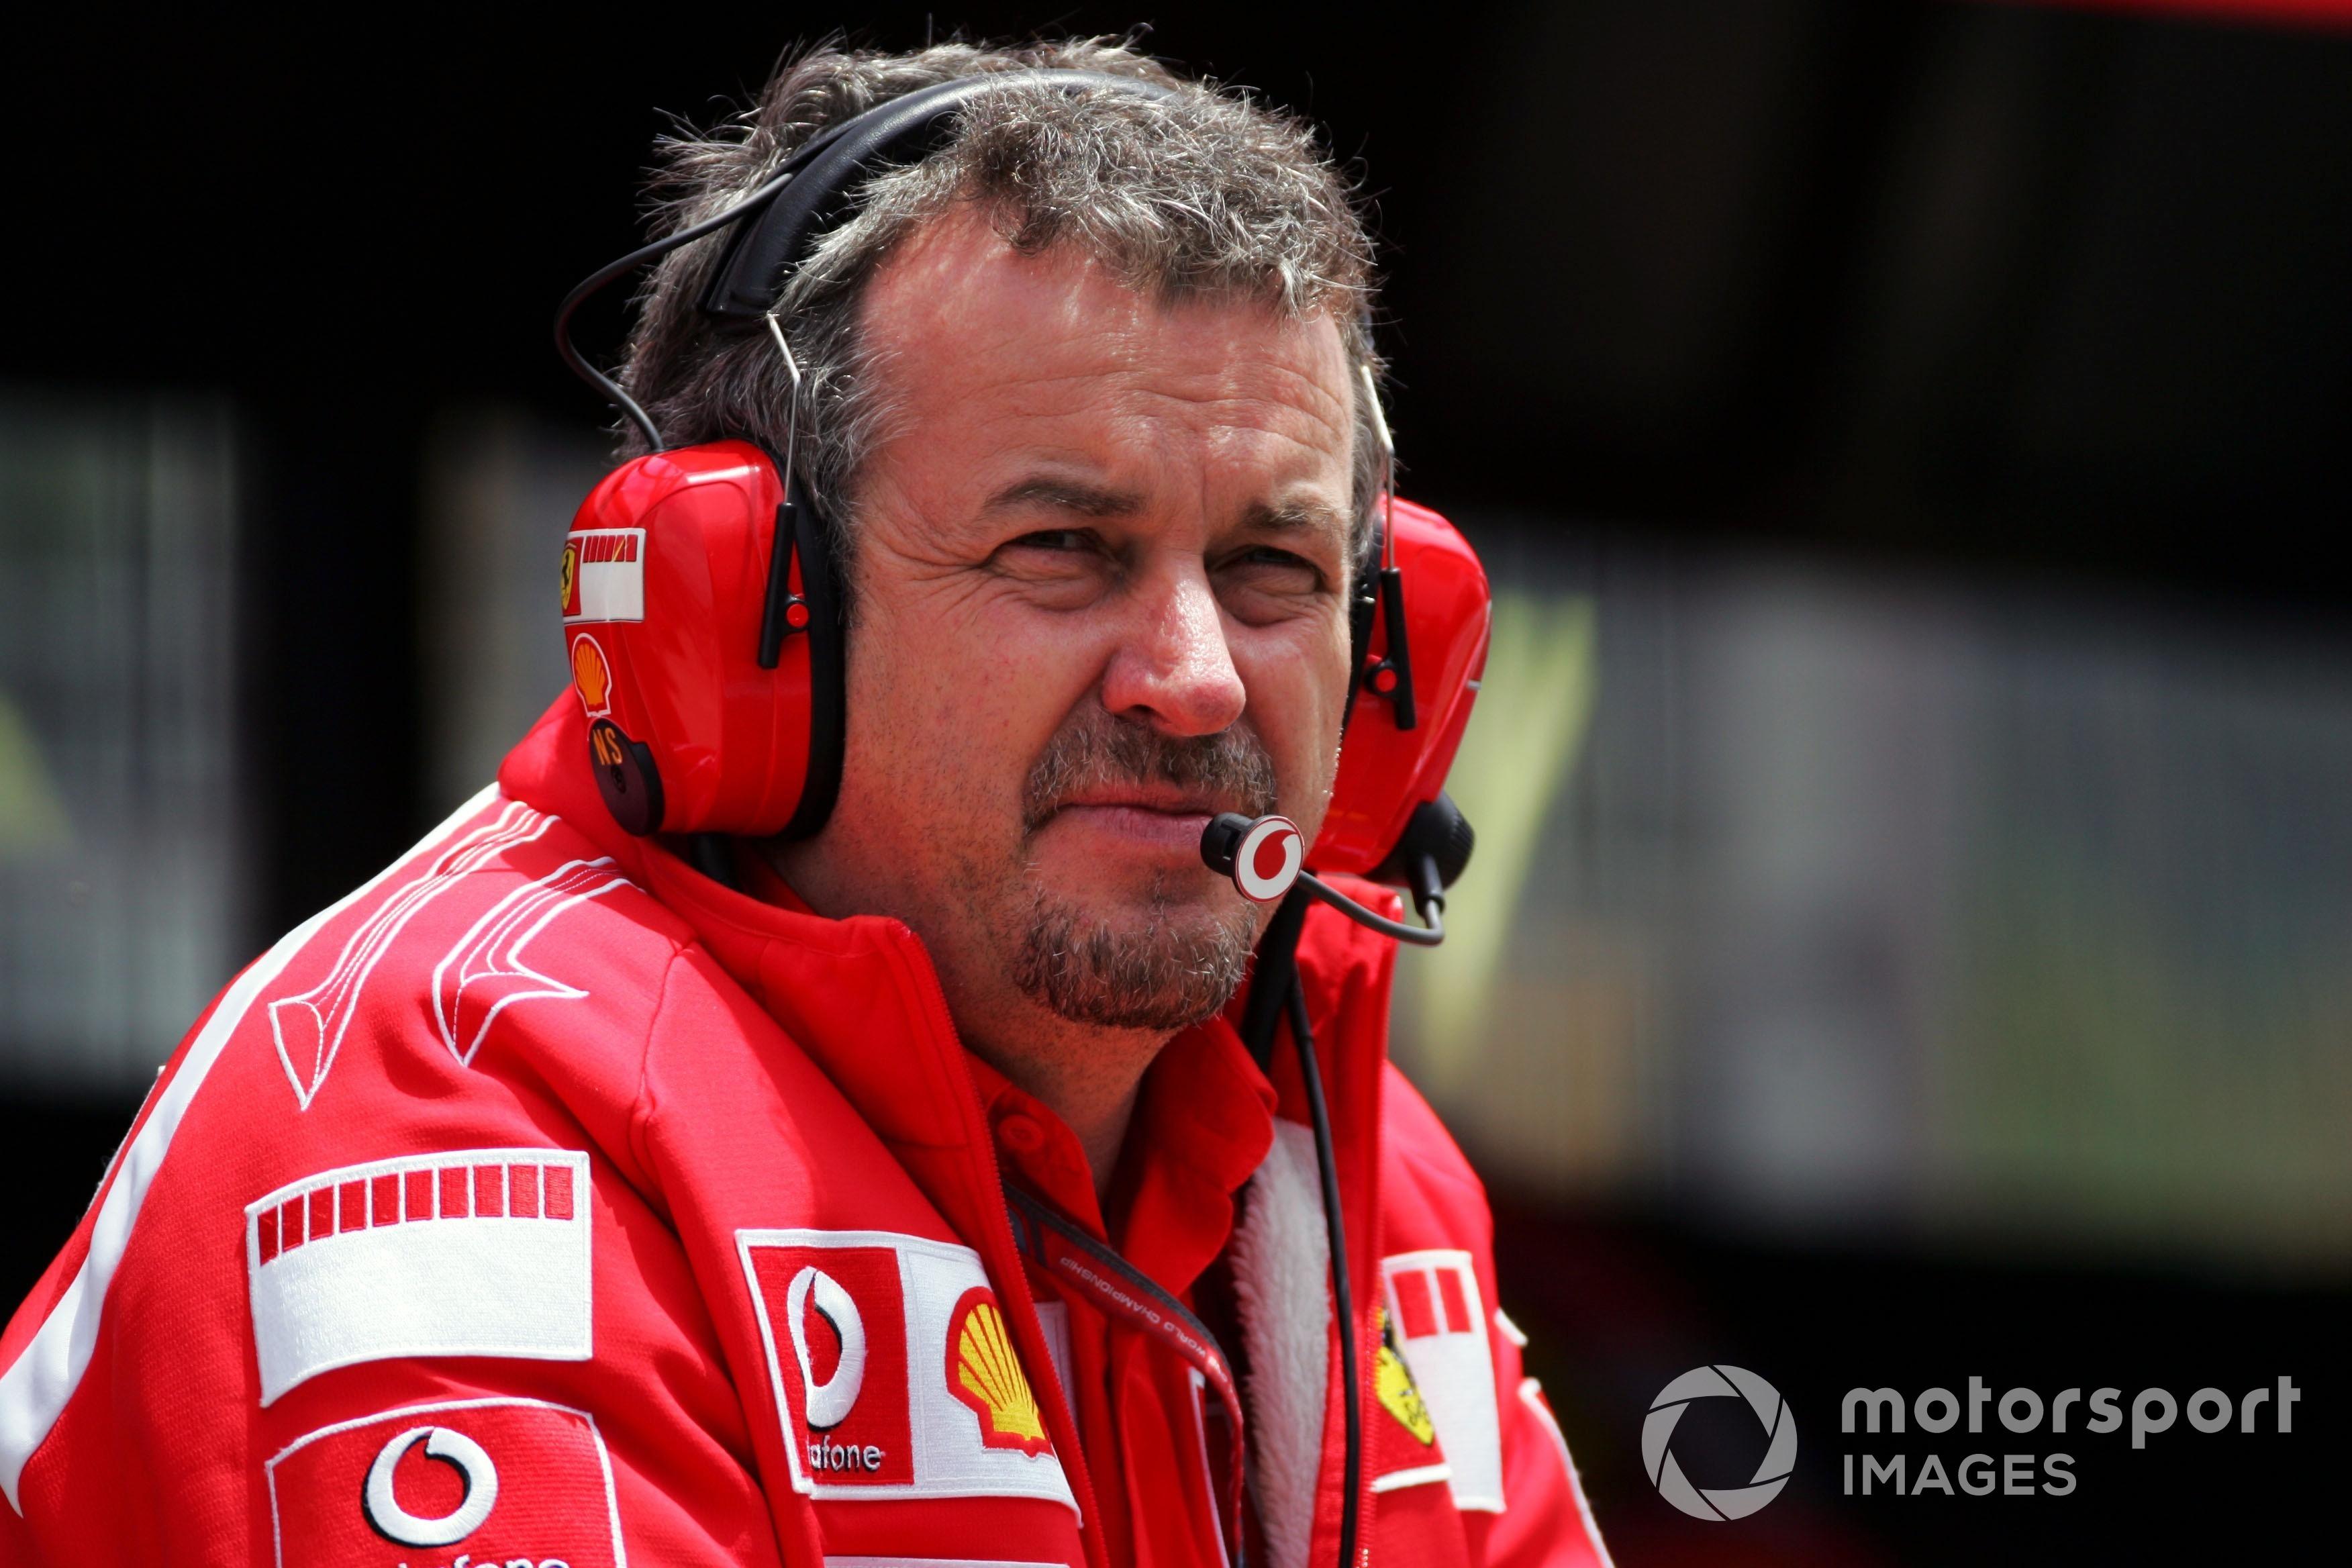 Nigel Stepney (GBR) jefe de mecánicos de Ferrari, durante la práctica del GP de Brasil de 2006.